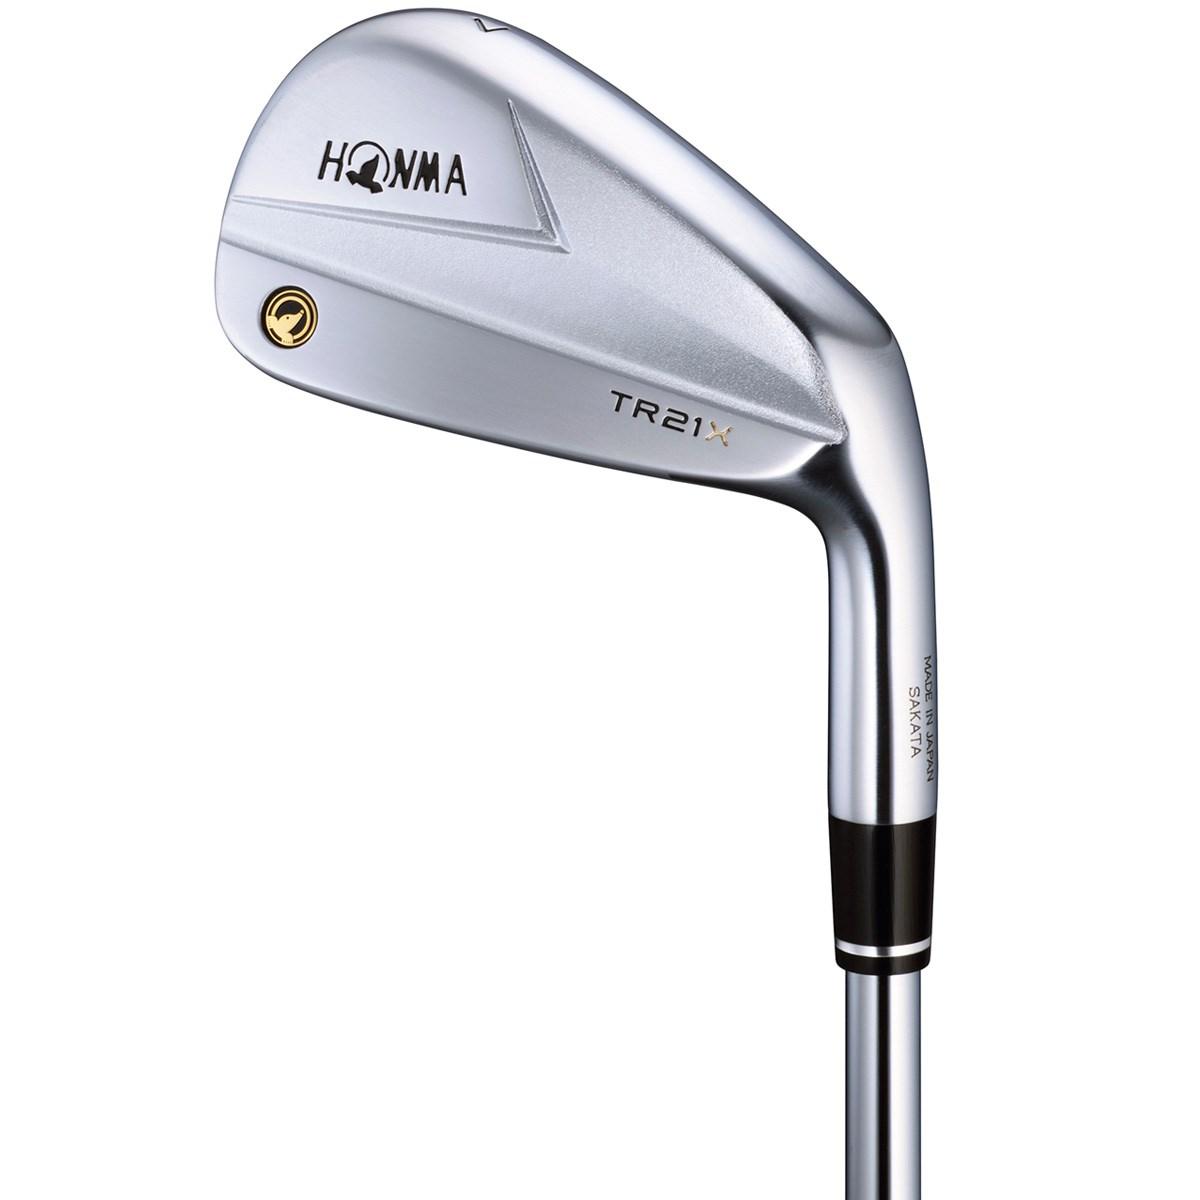 本間ゴルフ(HONMA GOLF) ツアーワールド TR21-X アイアン(単品) N.S.PRO 950GH neo【2020年10月2日発売予定】